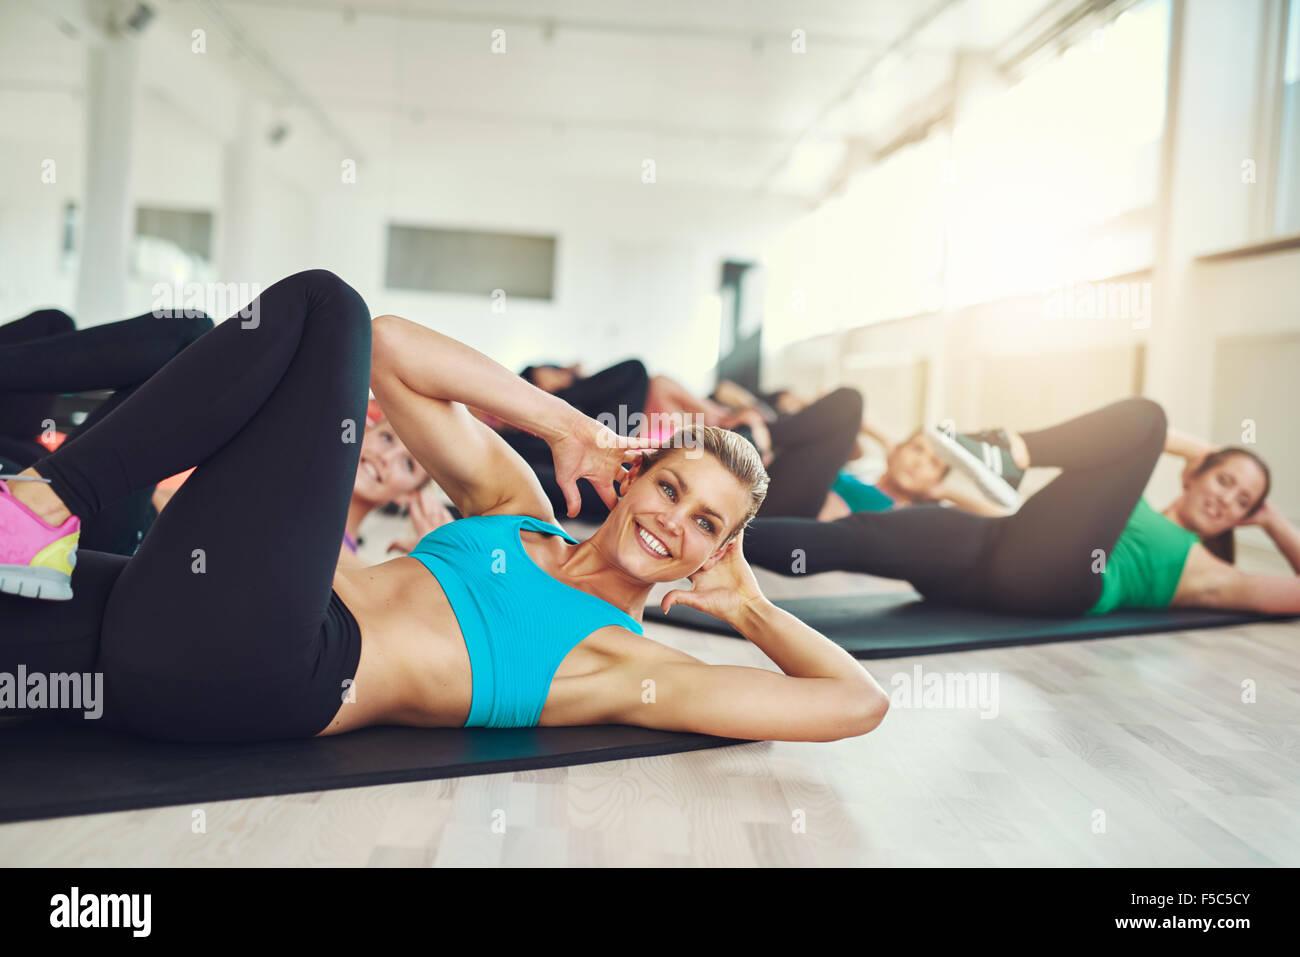 Atractiva mujer joven sonriente haciendo ejercicios aeróbicos en el gimnasio con un grupo de jóvenes en Imagen De Stock